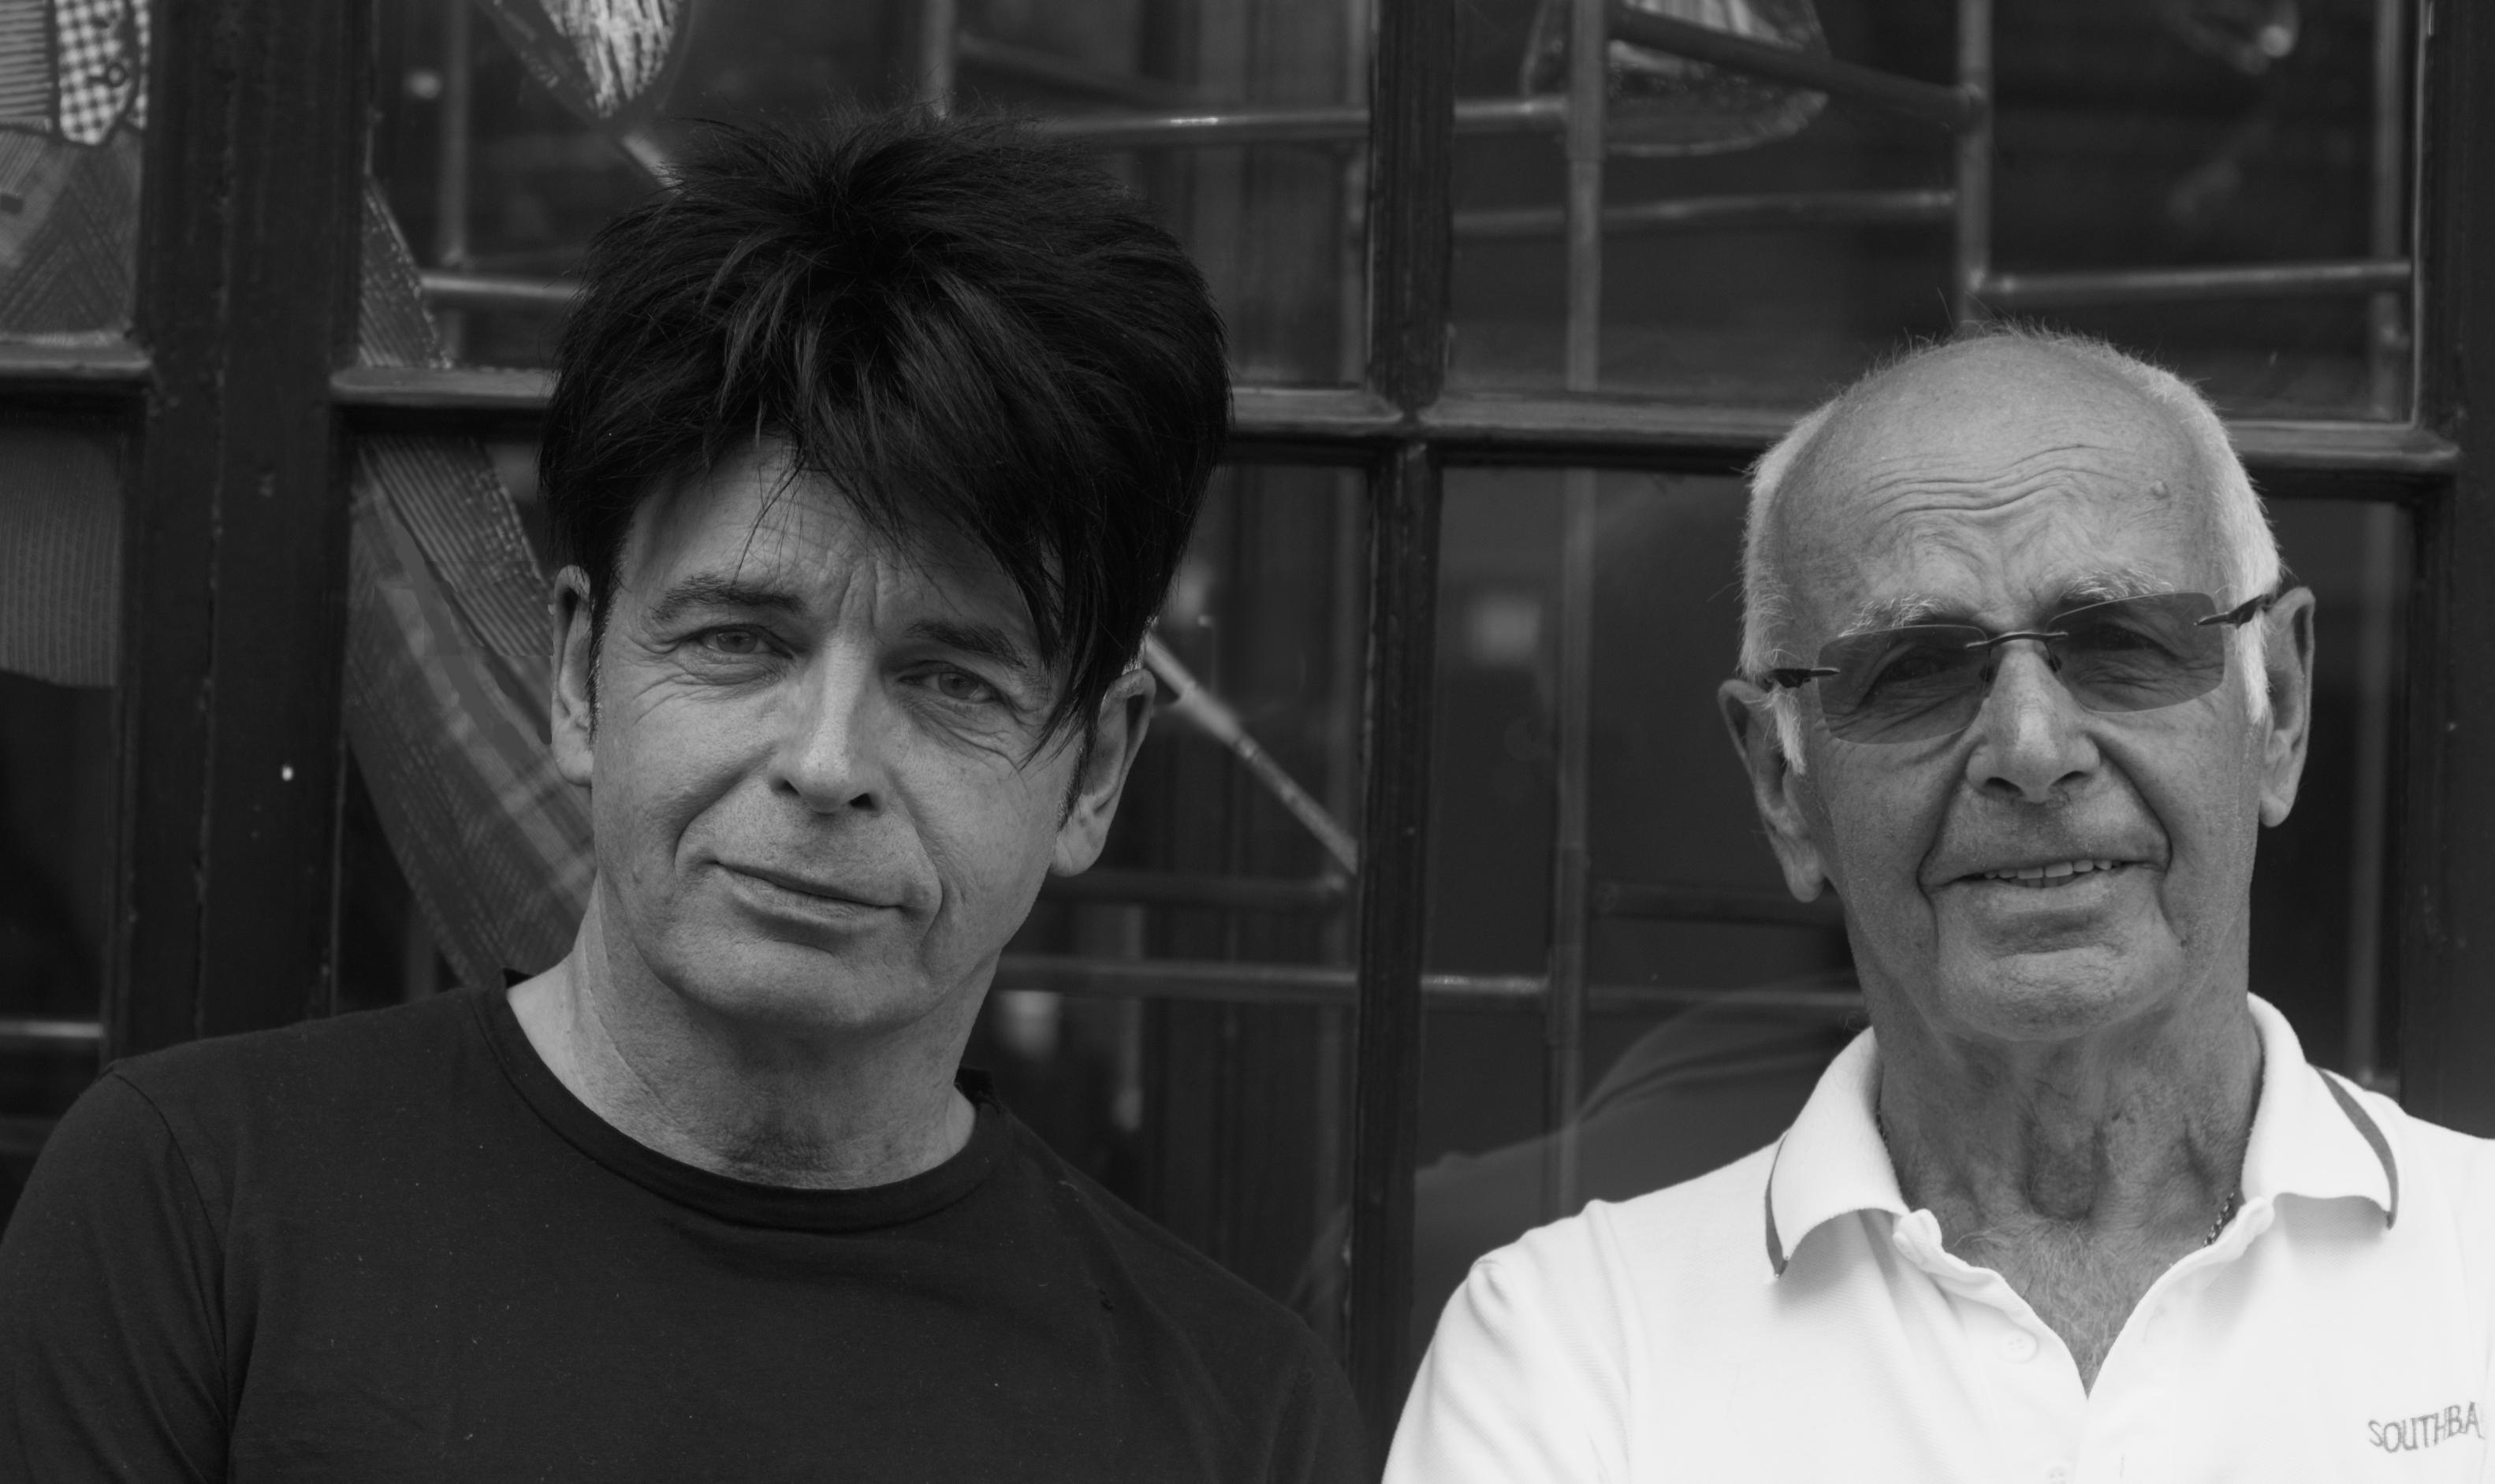 Gary Numan and Tony Webb